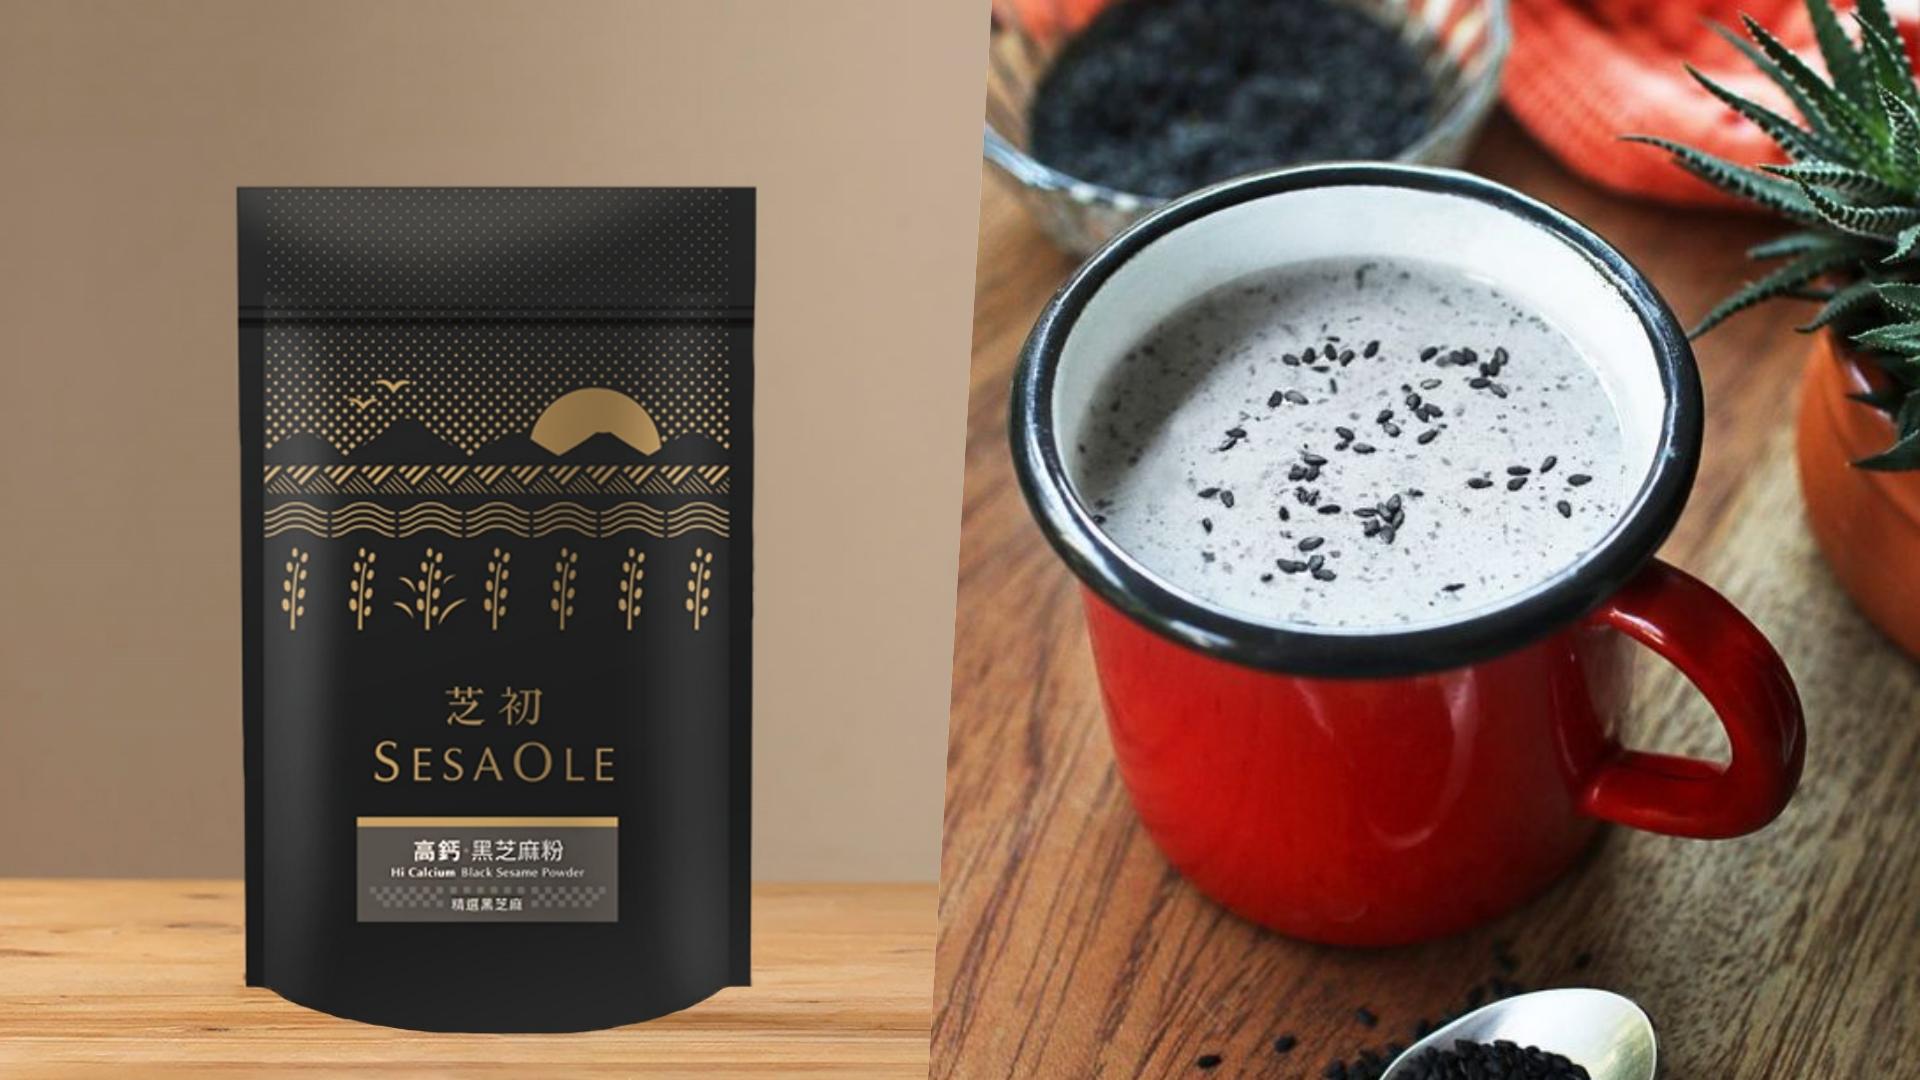 使用100%黑芝麻粉,富含豐富纖維且無添加糖,更沒有防腐劑和人工香料,也無添加其他榖粉,風味純正清香,香醇順口!